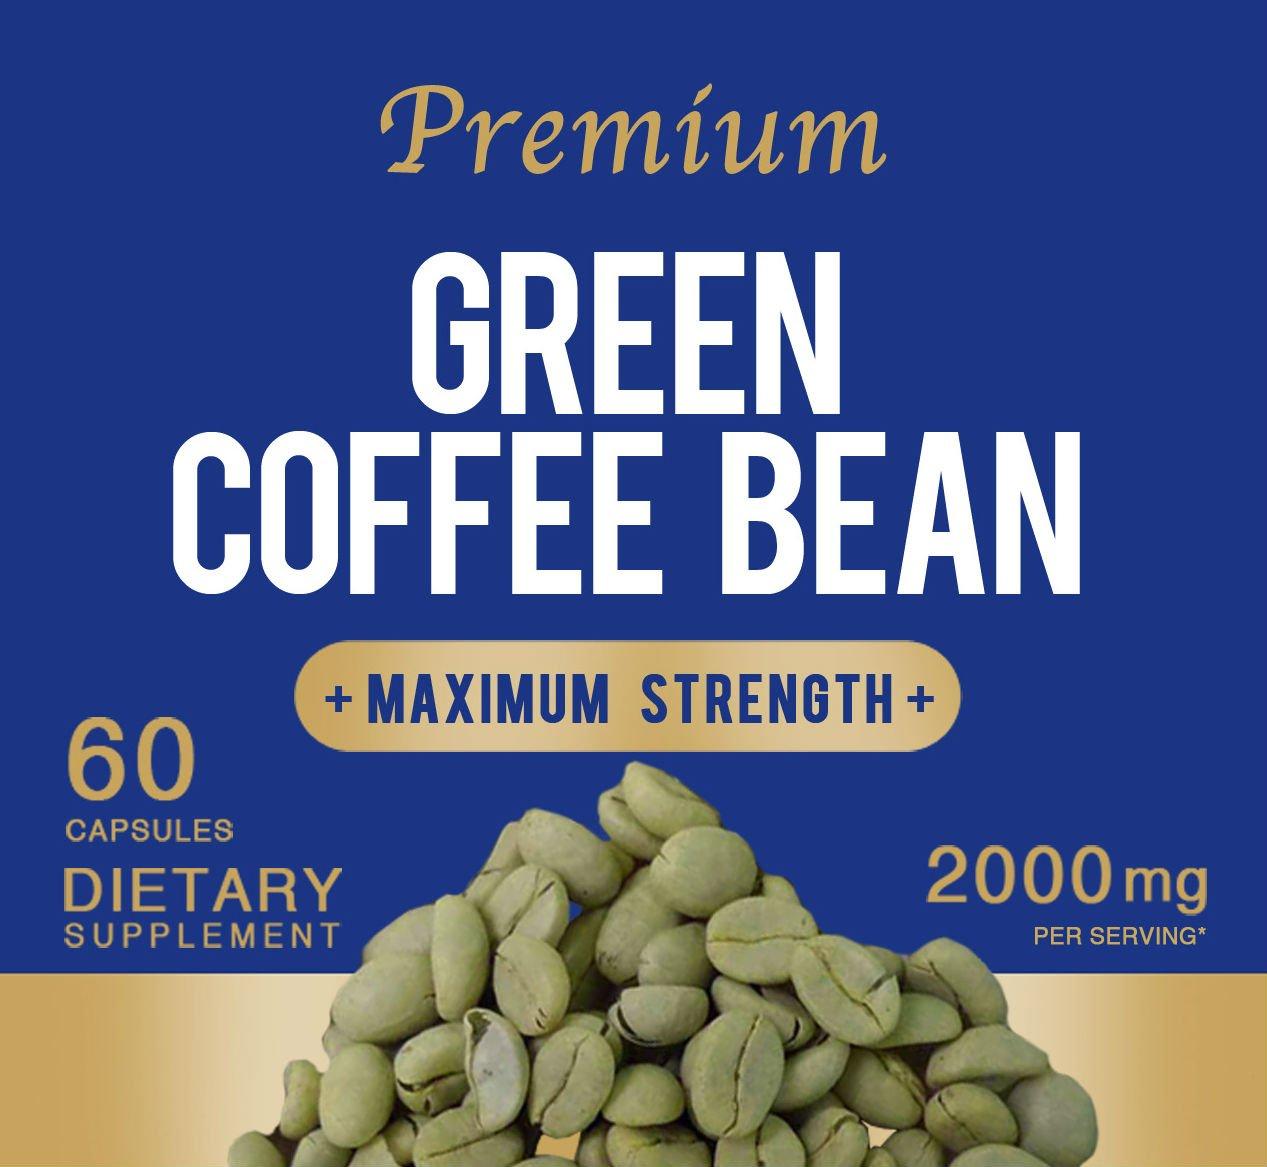 Las píldoras de pérdida de calidad premium grano de café verde para adelgazar Peso Cápsulas Mejor 2000mg Nueva Doble Fuerza Fórmula: Amazon.es: Hogar